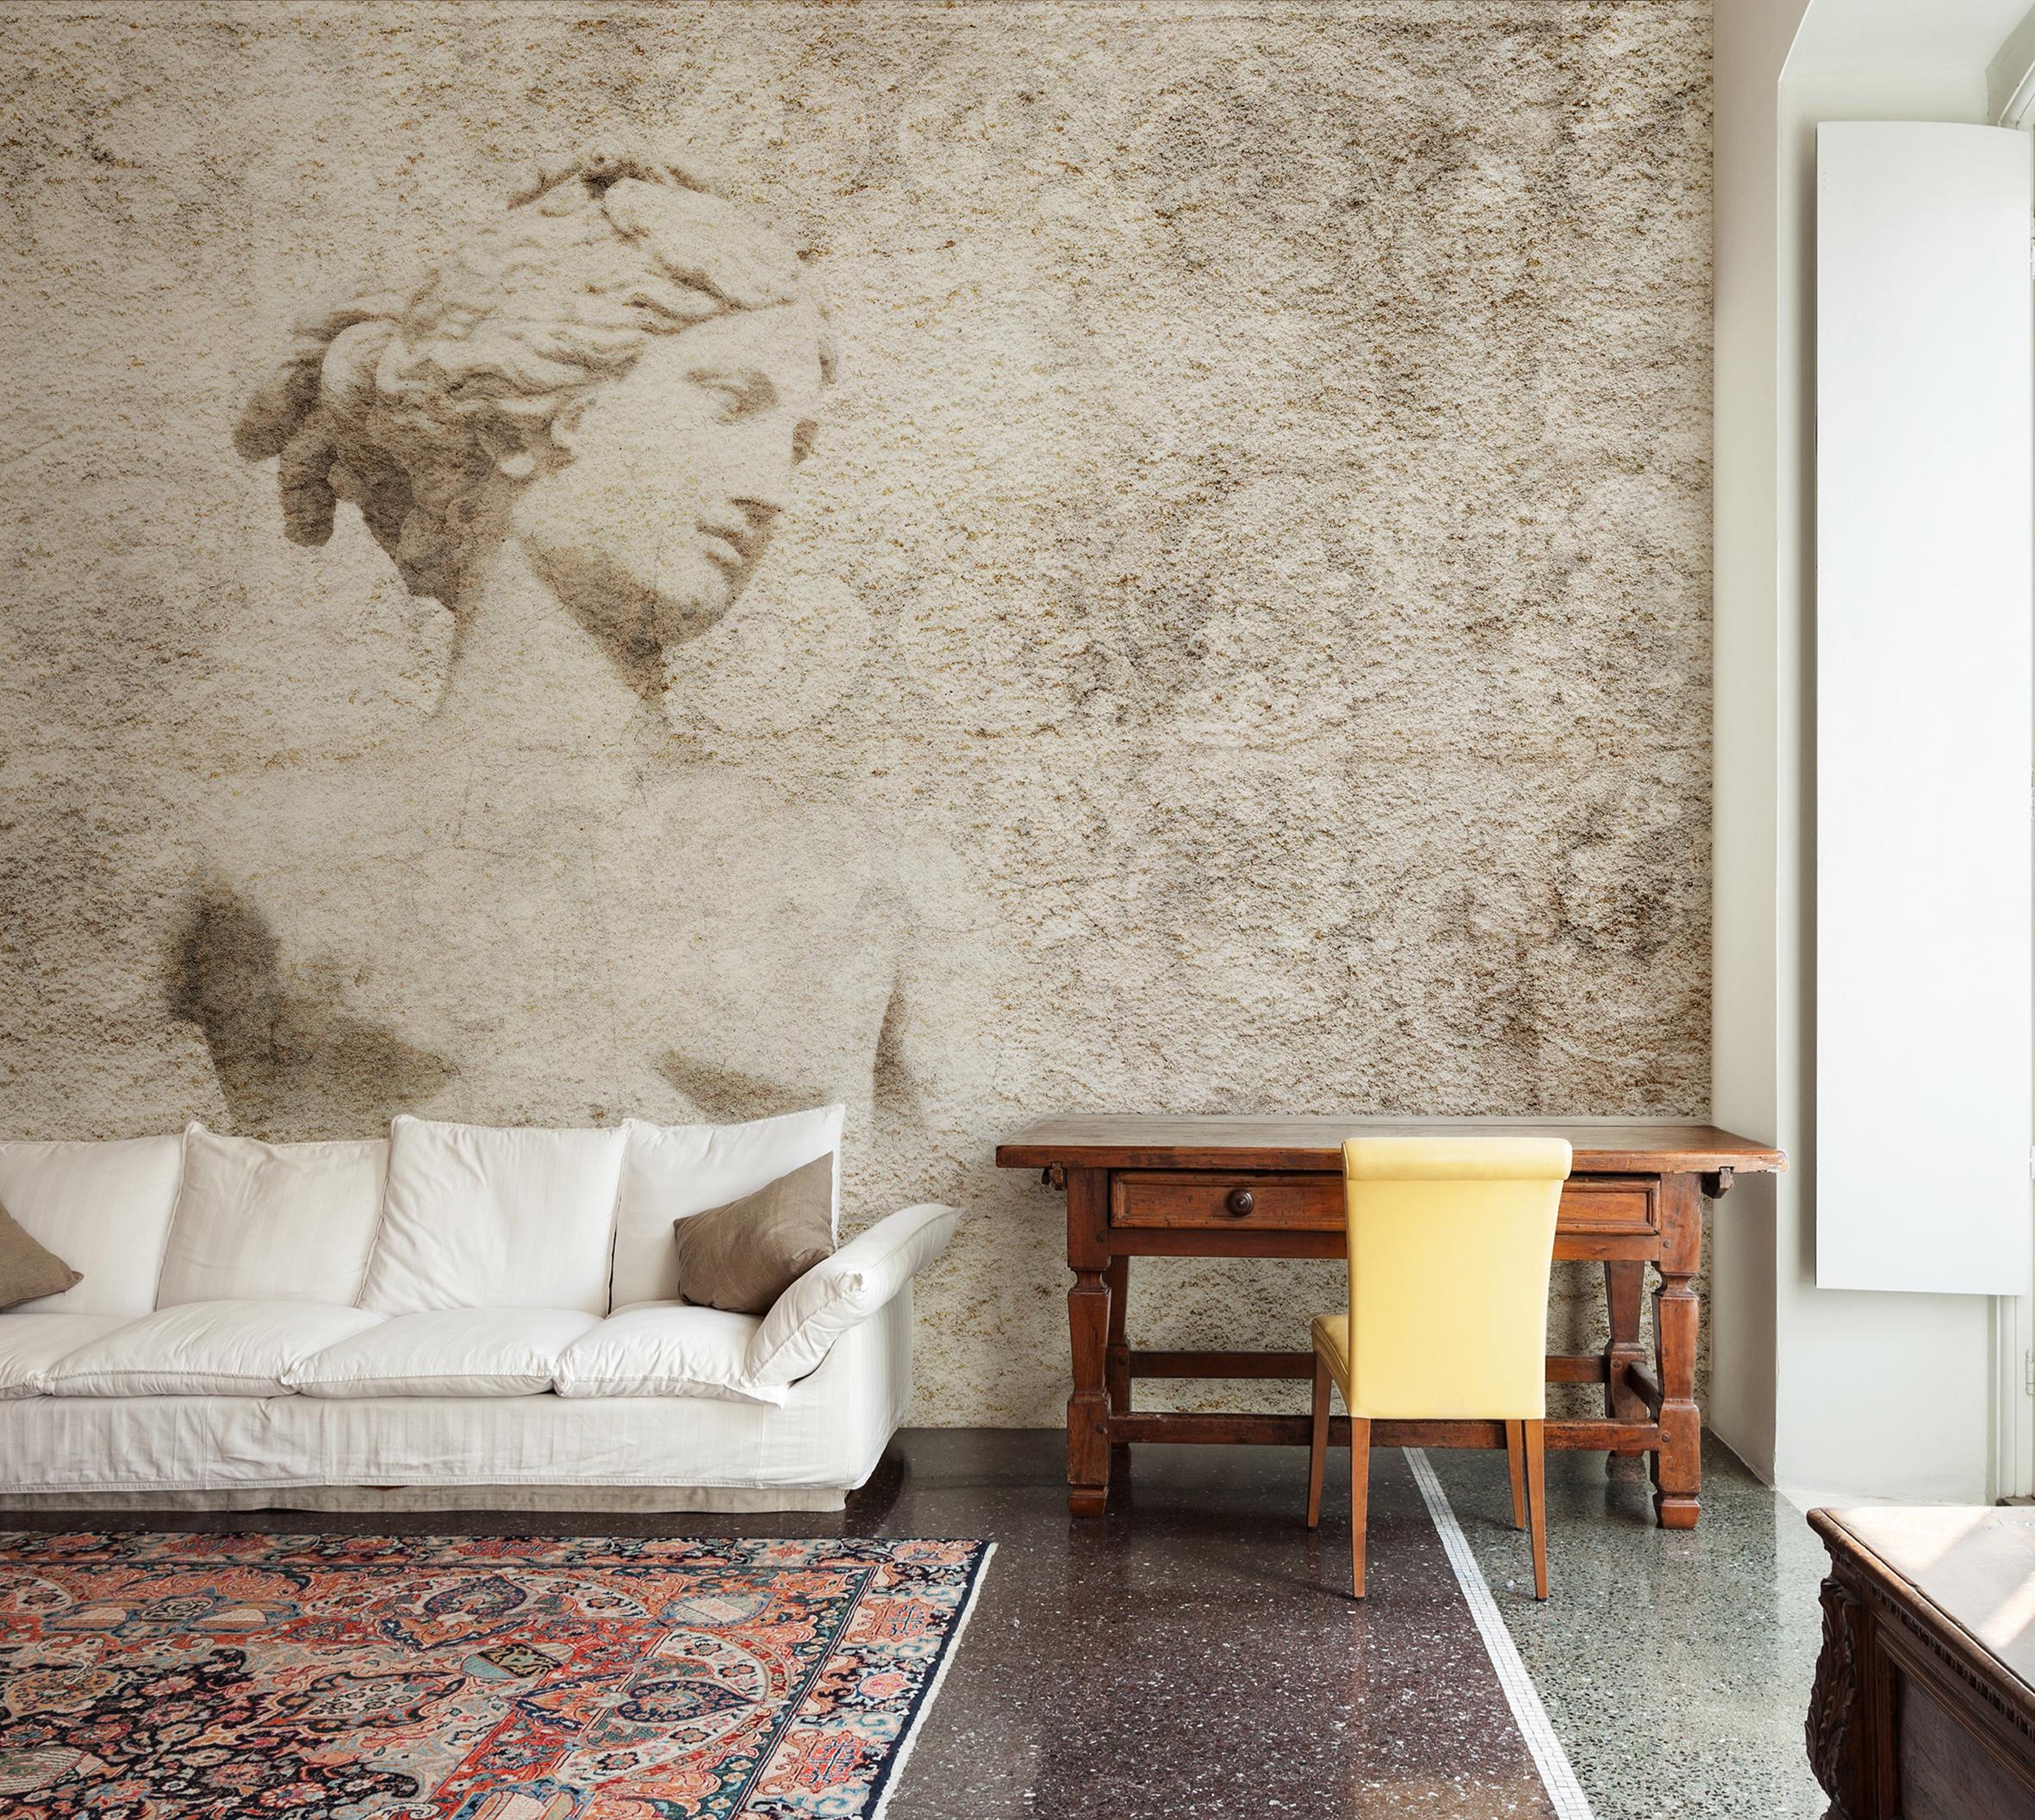 Carta Da Parati Roma pazzi per i wallpaper: carte da parati tra arte e design